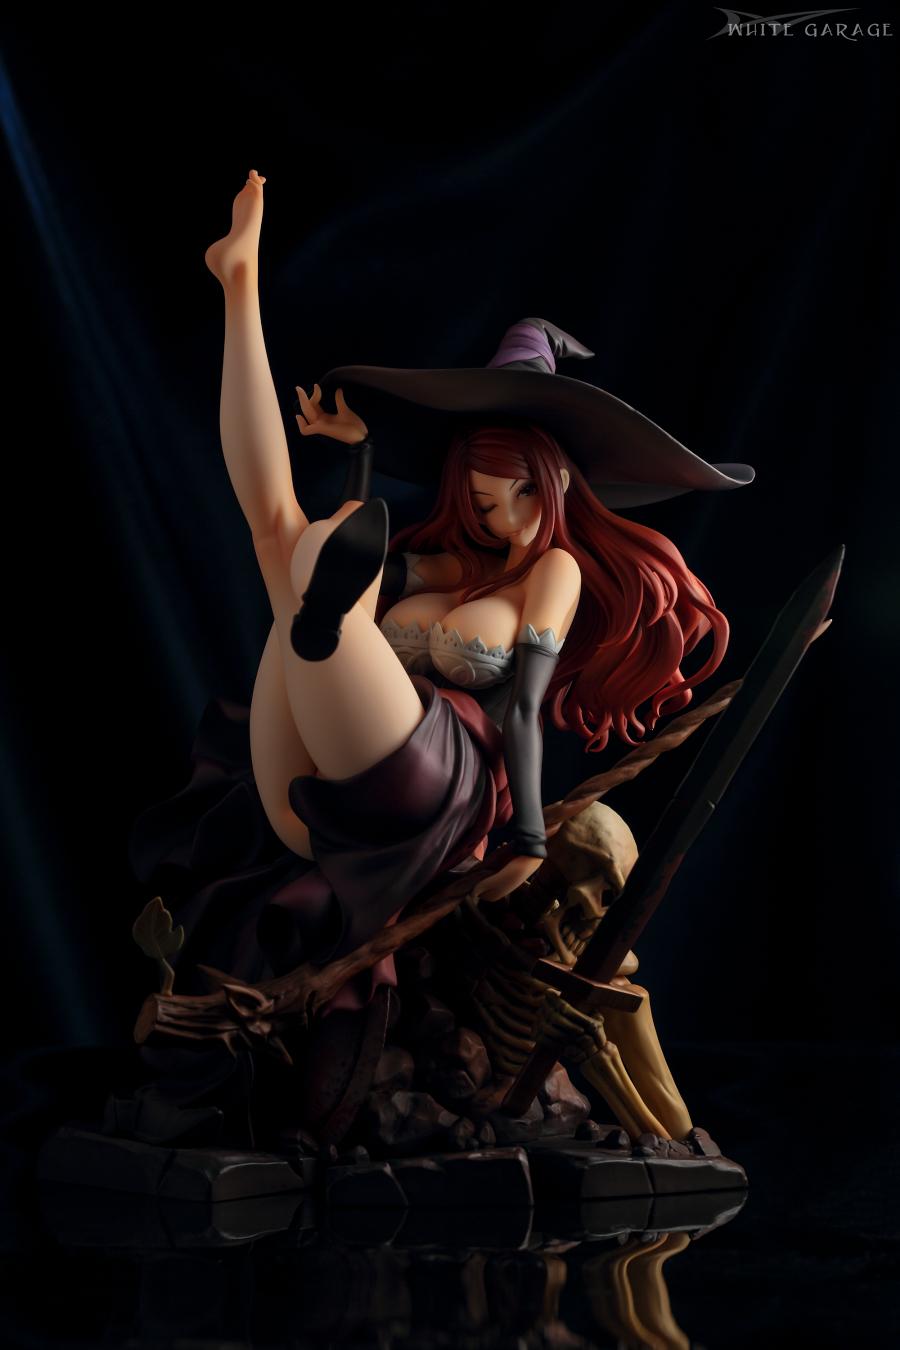 sorceress135